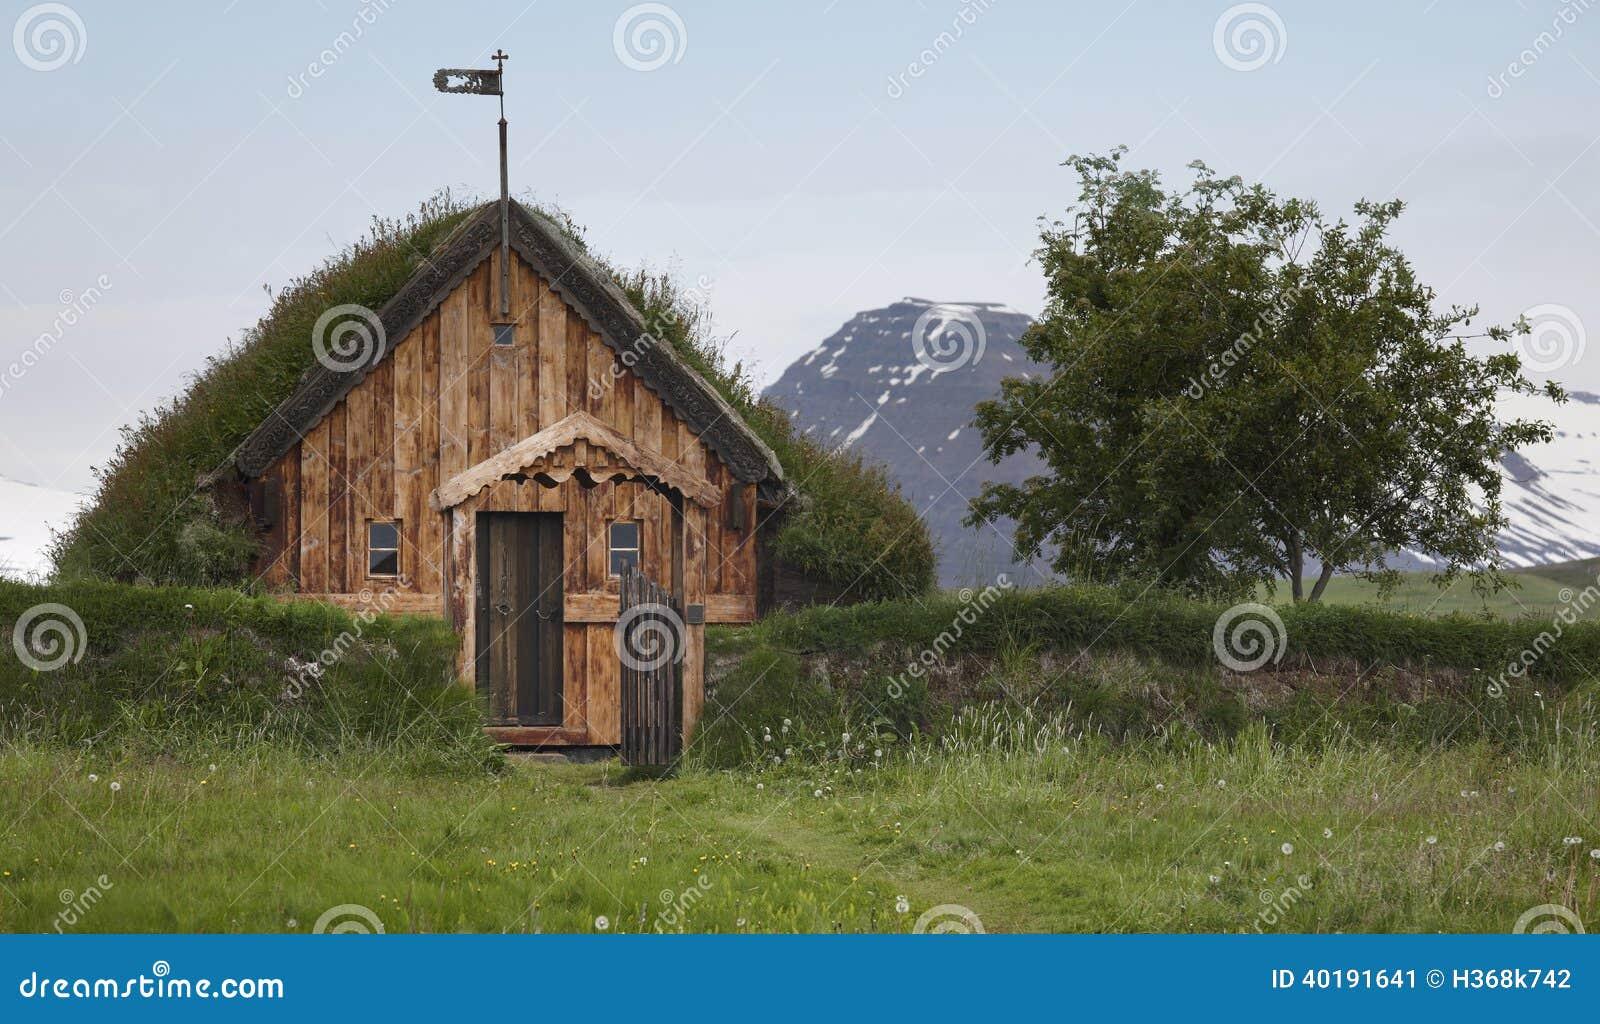 L 39 islande maison en bois islandaise traditionnelle l for Maison traditionnelle nord